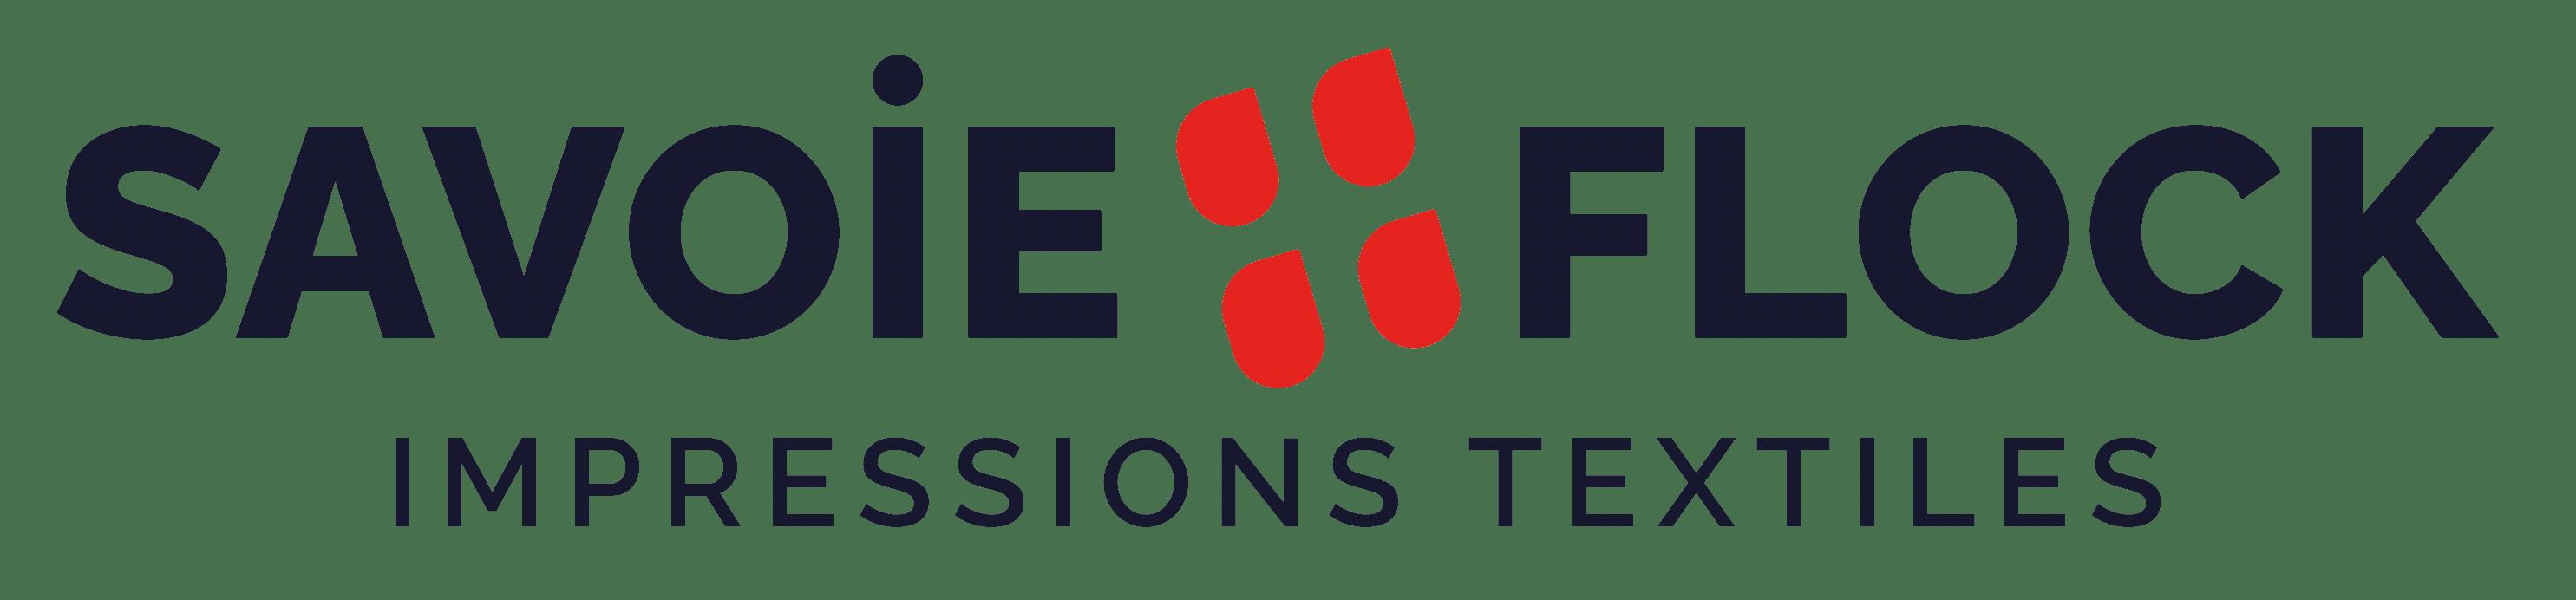 logo savoie flock